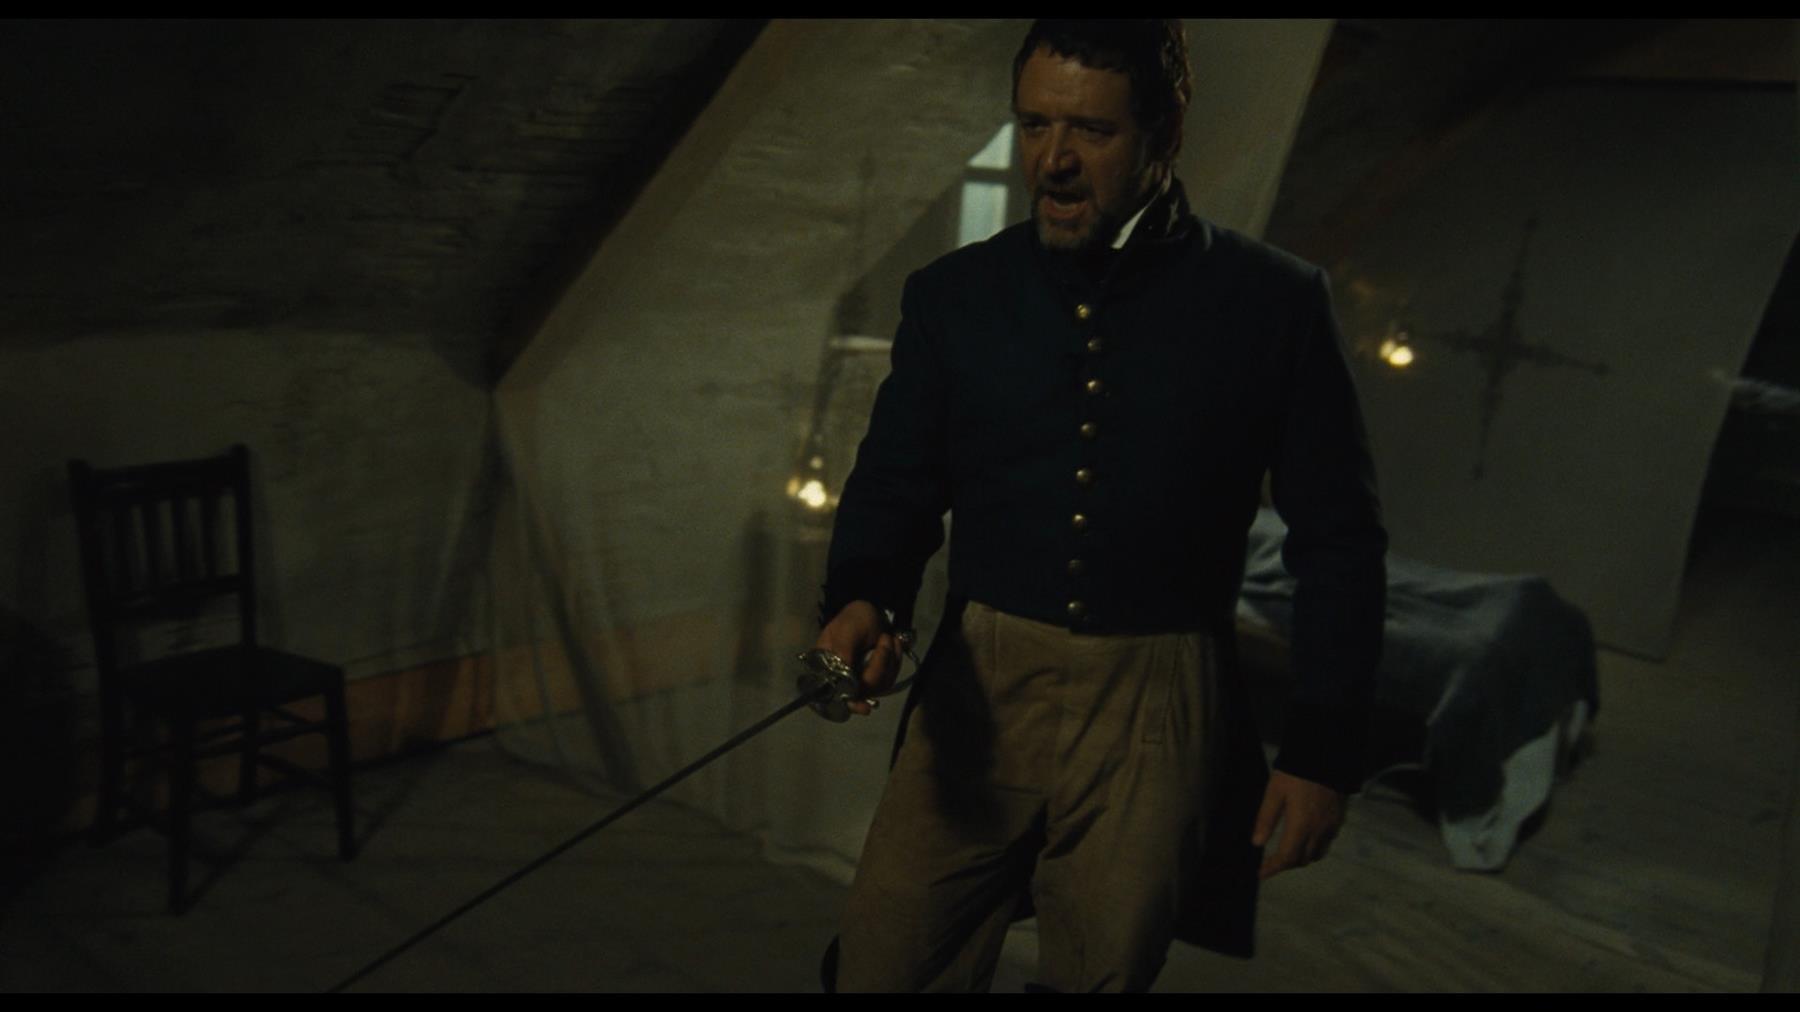 LES MISERABLES (2012) - Javert's (Russell Crowe) Hero ...